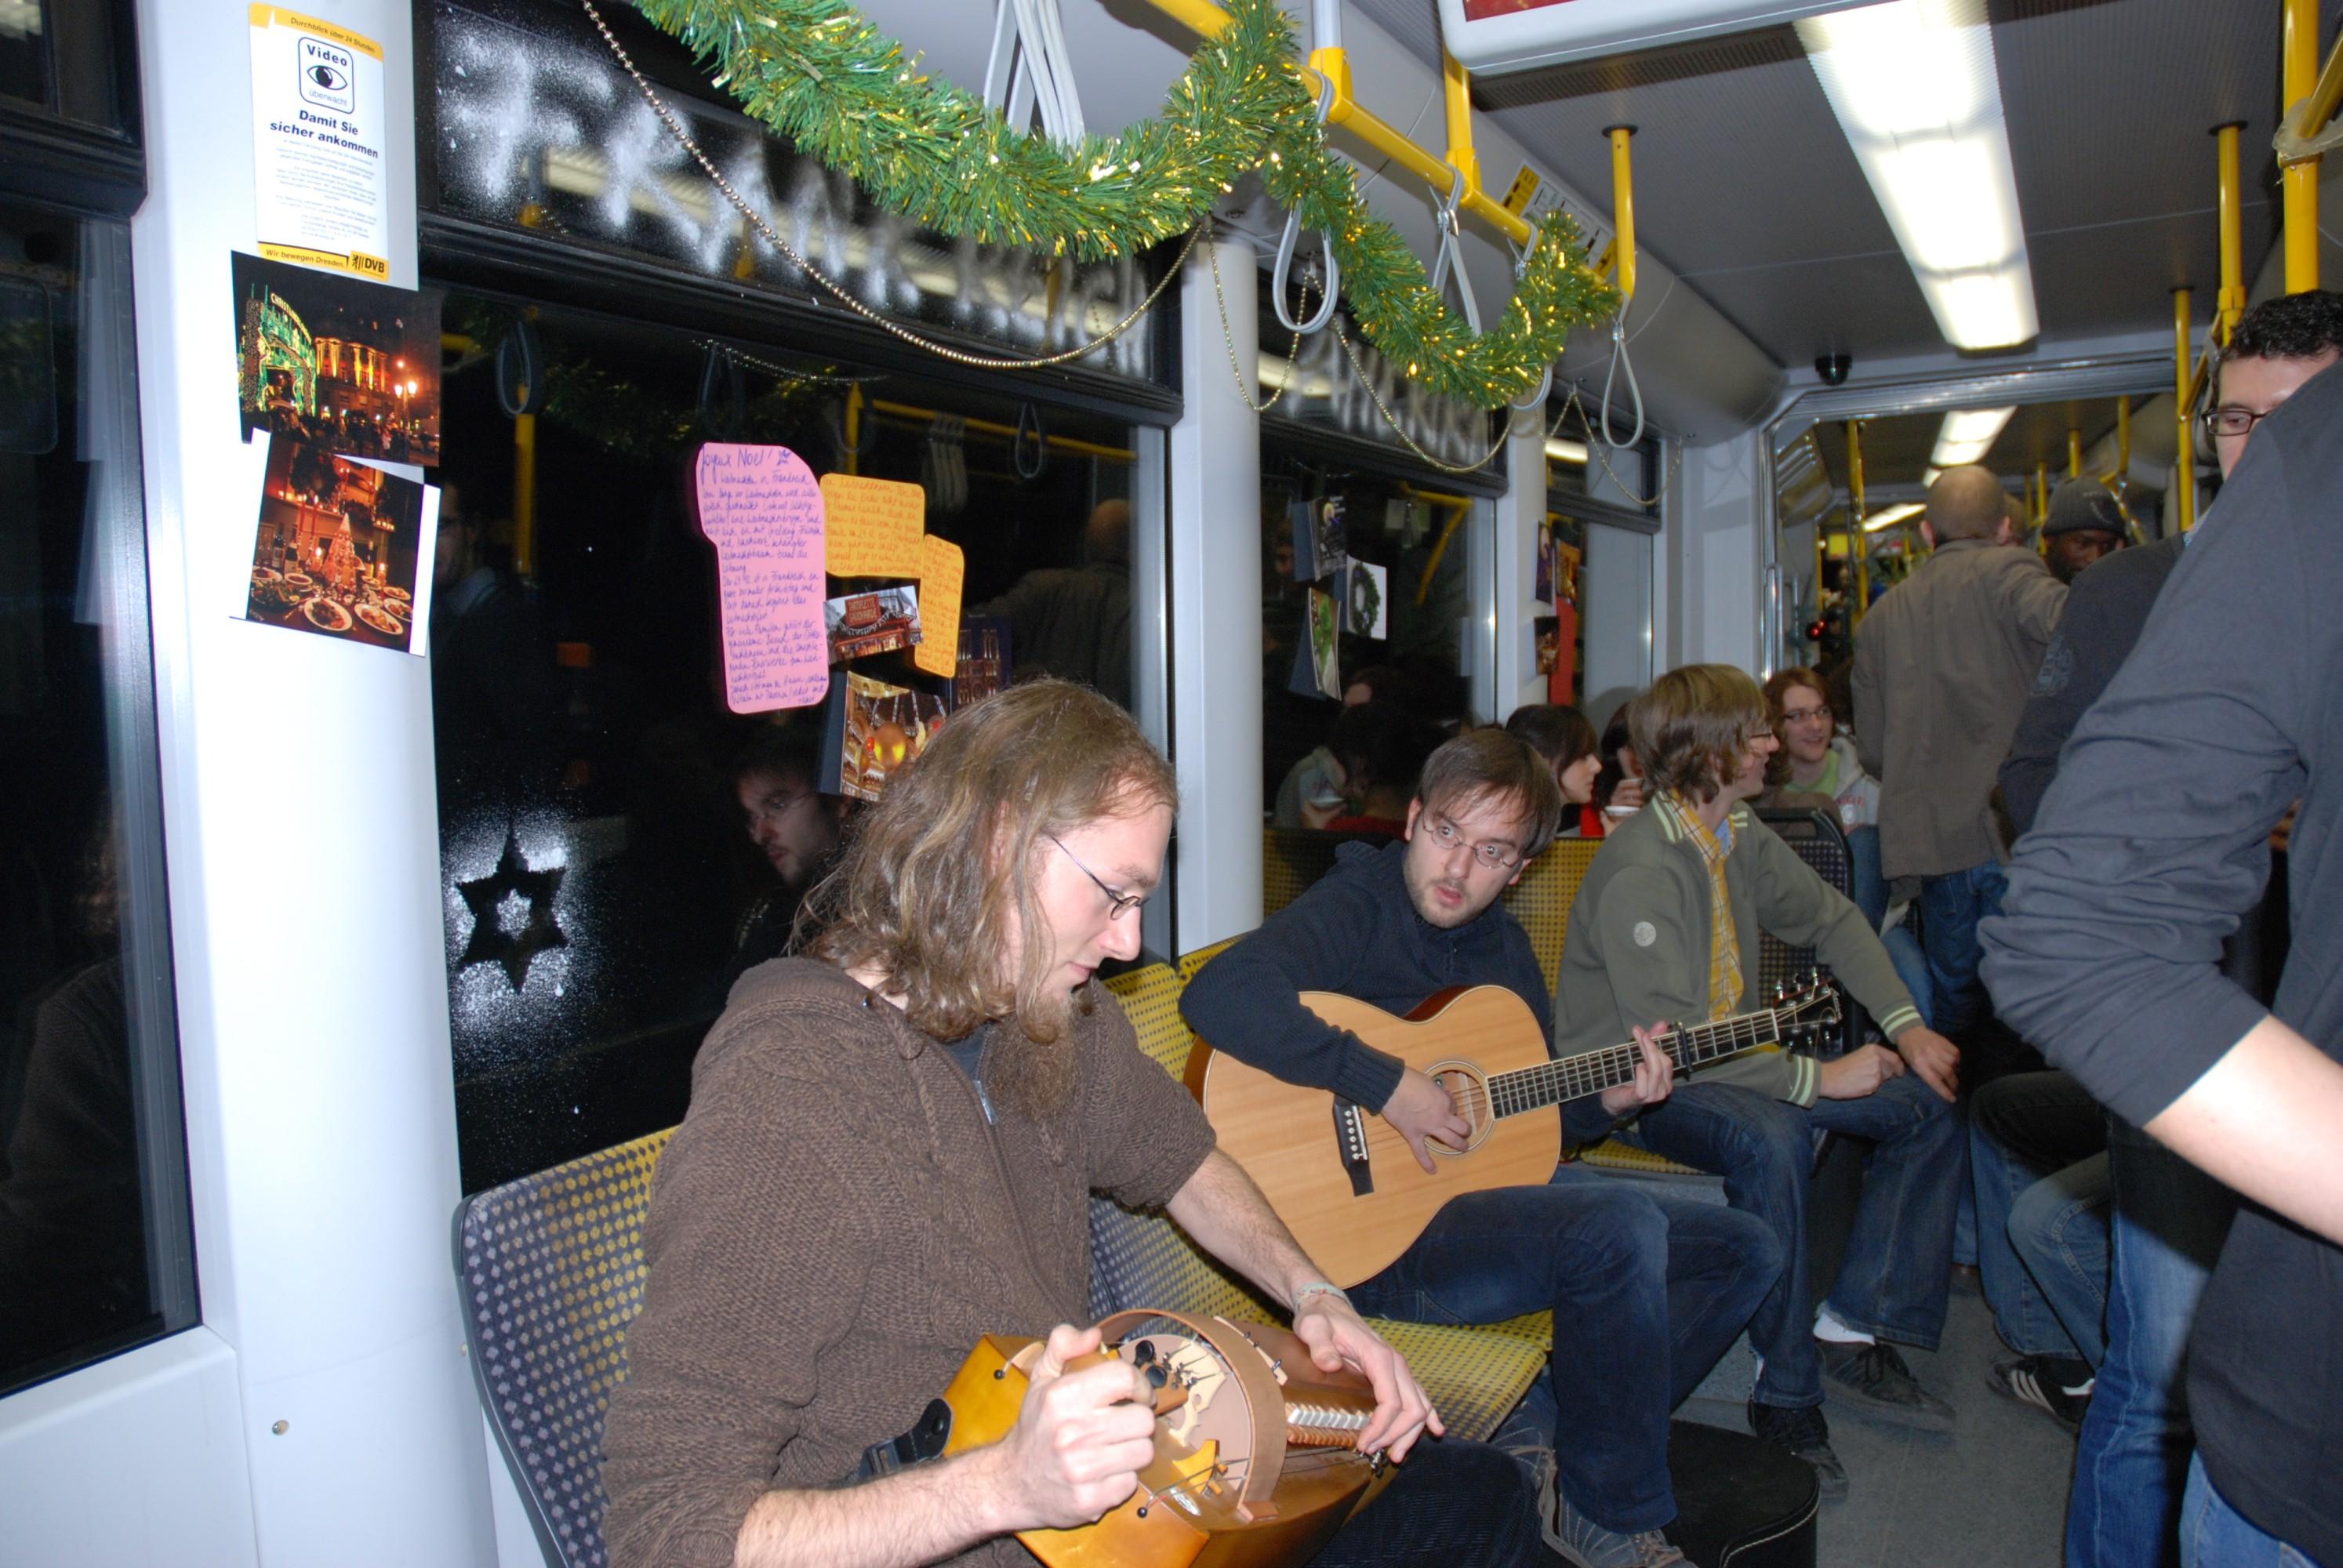 In einer Straßenbahn kommen die Menschen zusammen. Auf den Bänken wird Musik gespielt, während im Hintergrund geschwatzt wird.